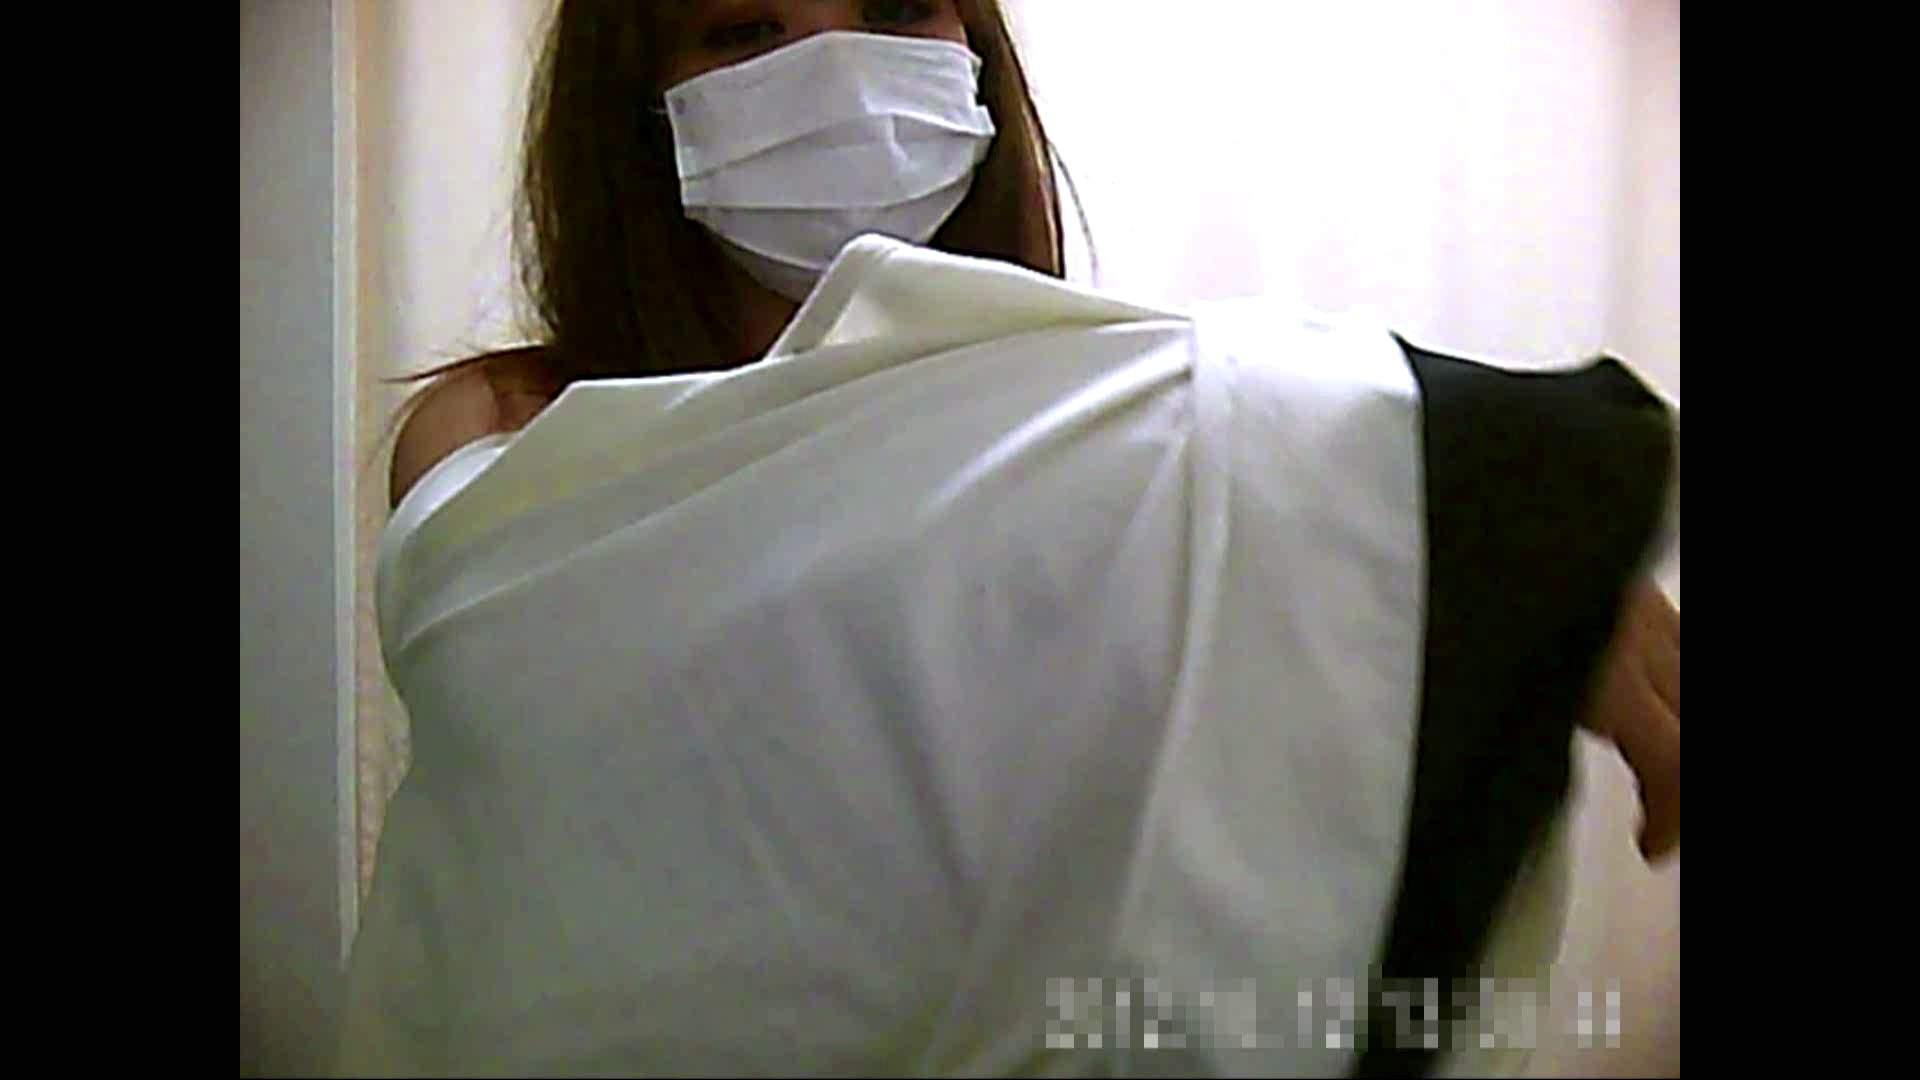 病院おもいっきり着替え! vol.235 盗撮 オマンコ無修正動画無料 79pic 73